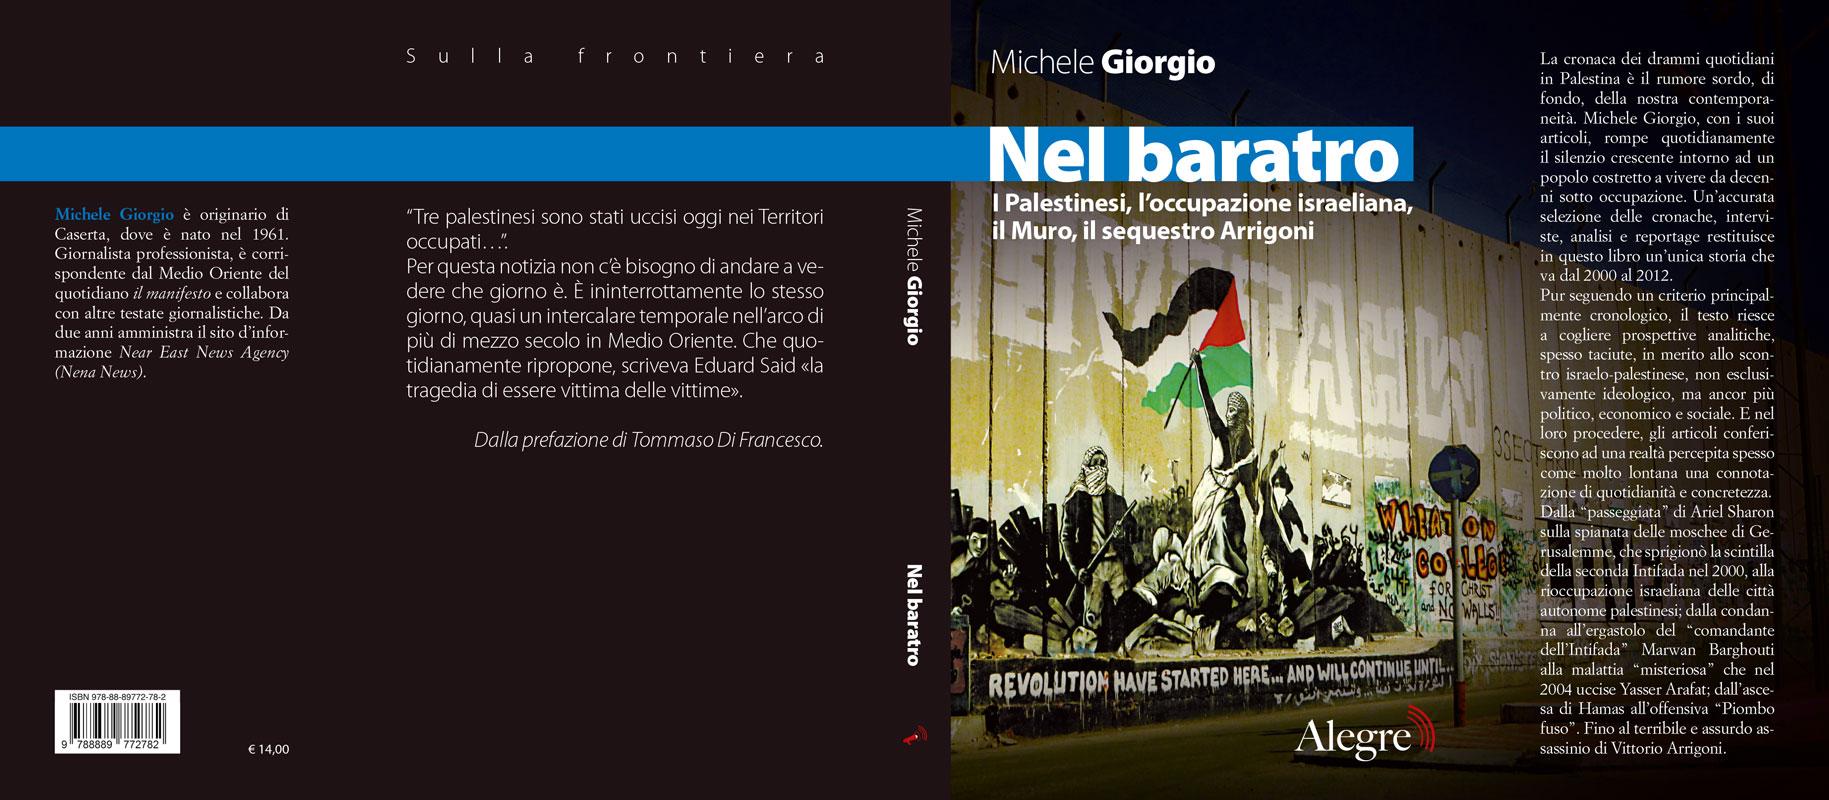 Michele Giorgio, Nel baratro, stesa